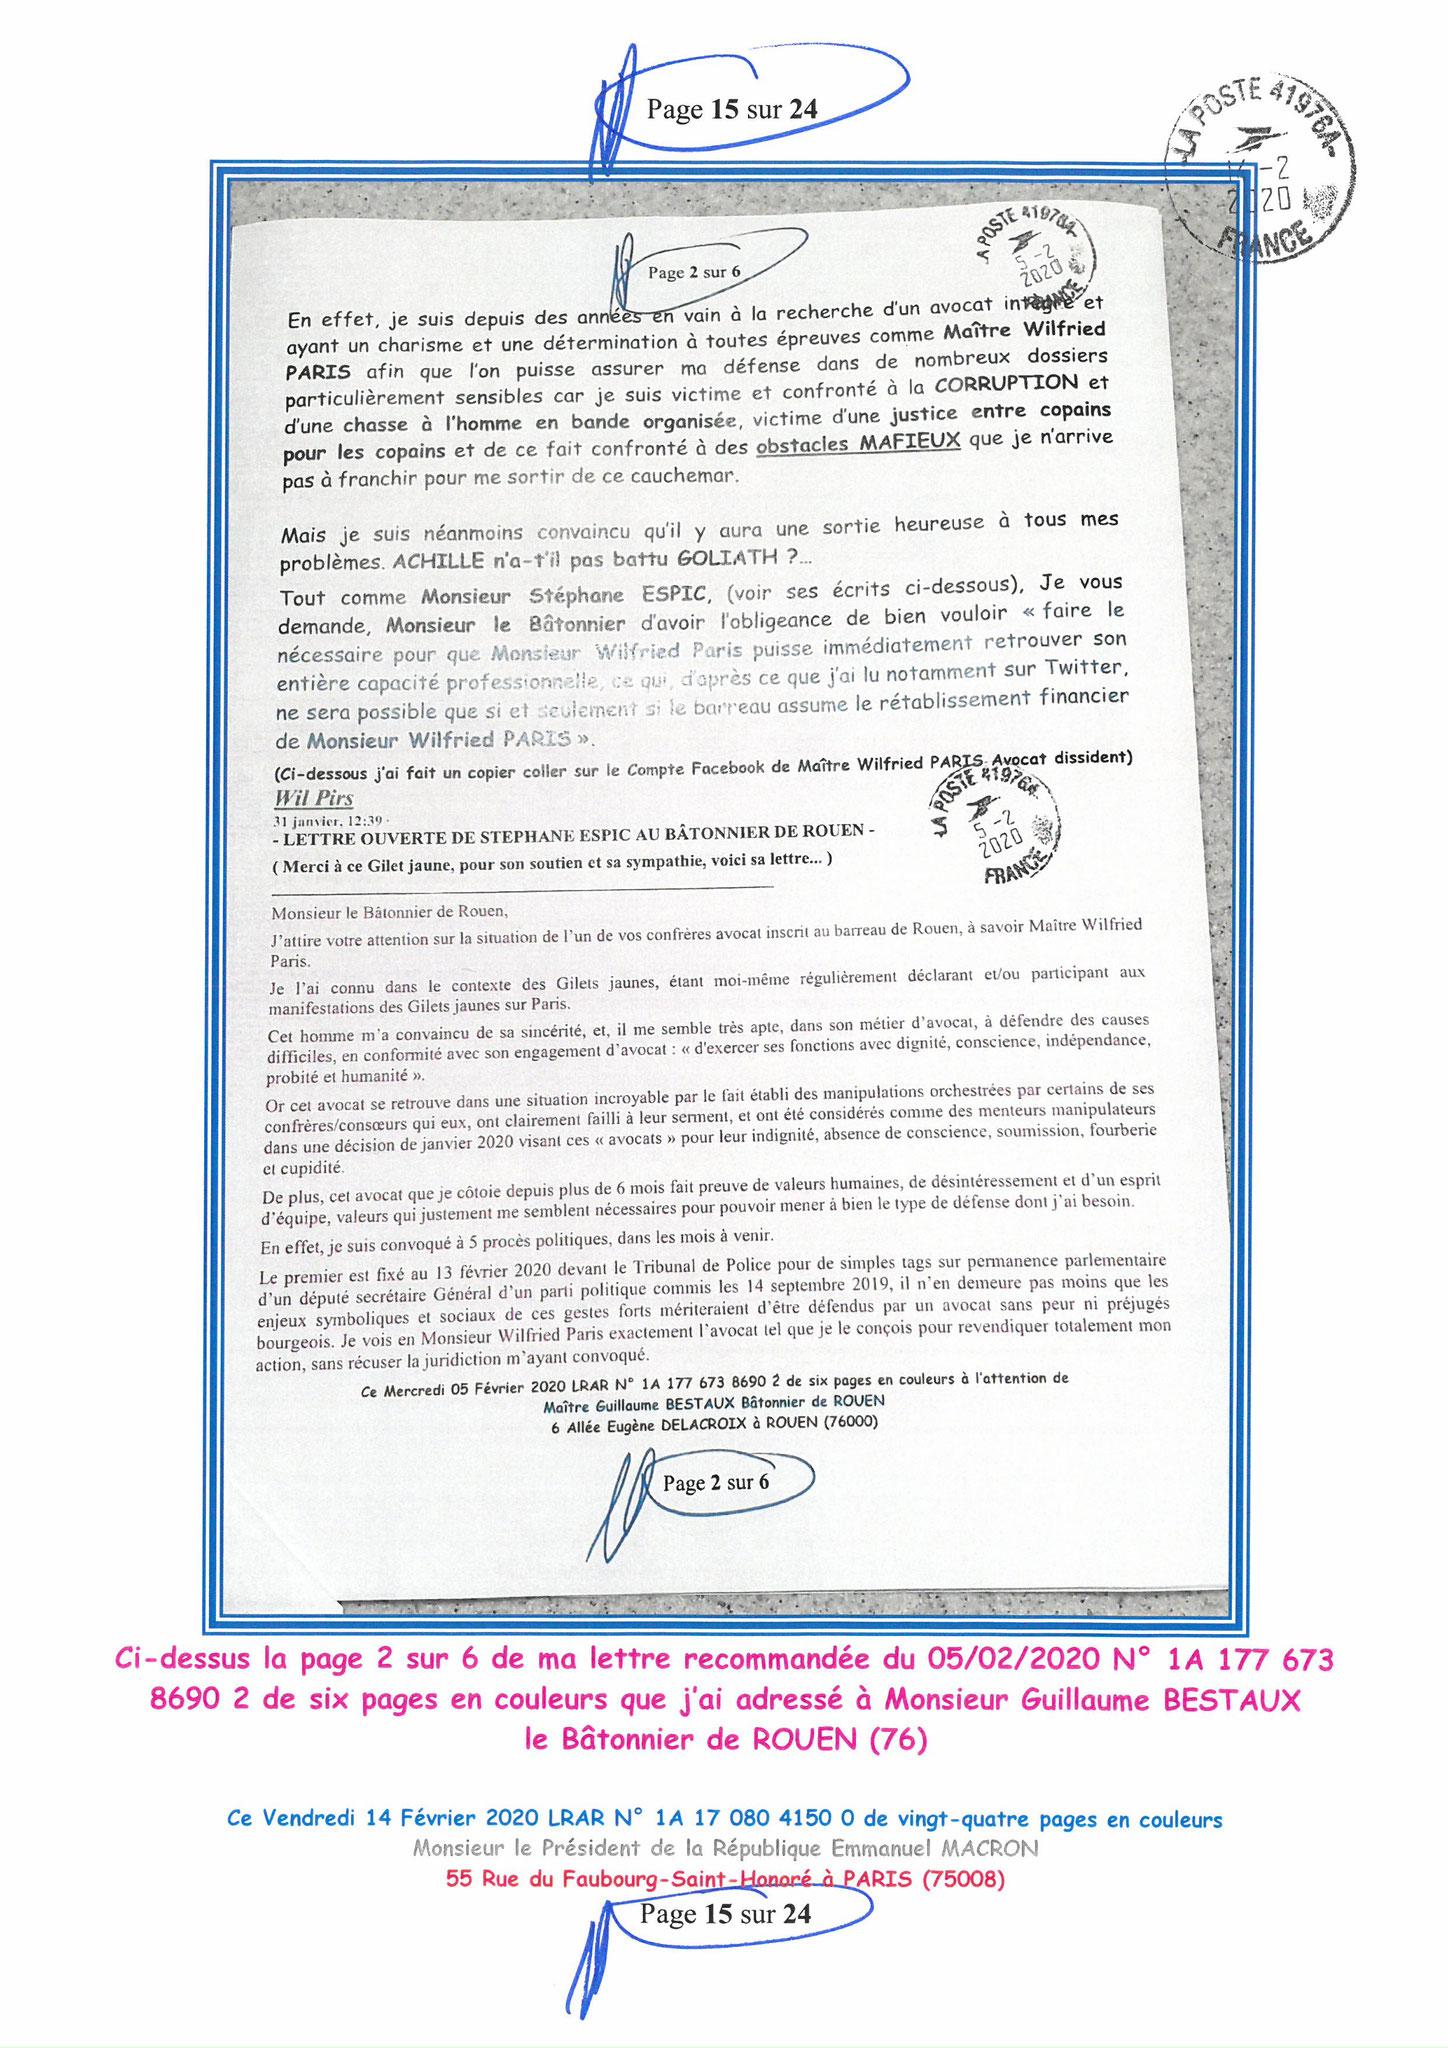 Ma lettre recommandée du 14 Février 2020 N° 1A 178 082 4150 0  page 15 sur 24 en couleur que j'ai adressé à Monsieur Emmanuel MACRON le Président de la République www.jesuispatrick.fr www.jesuisvictime.fr www.alerte-rouge-france.fr